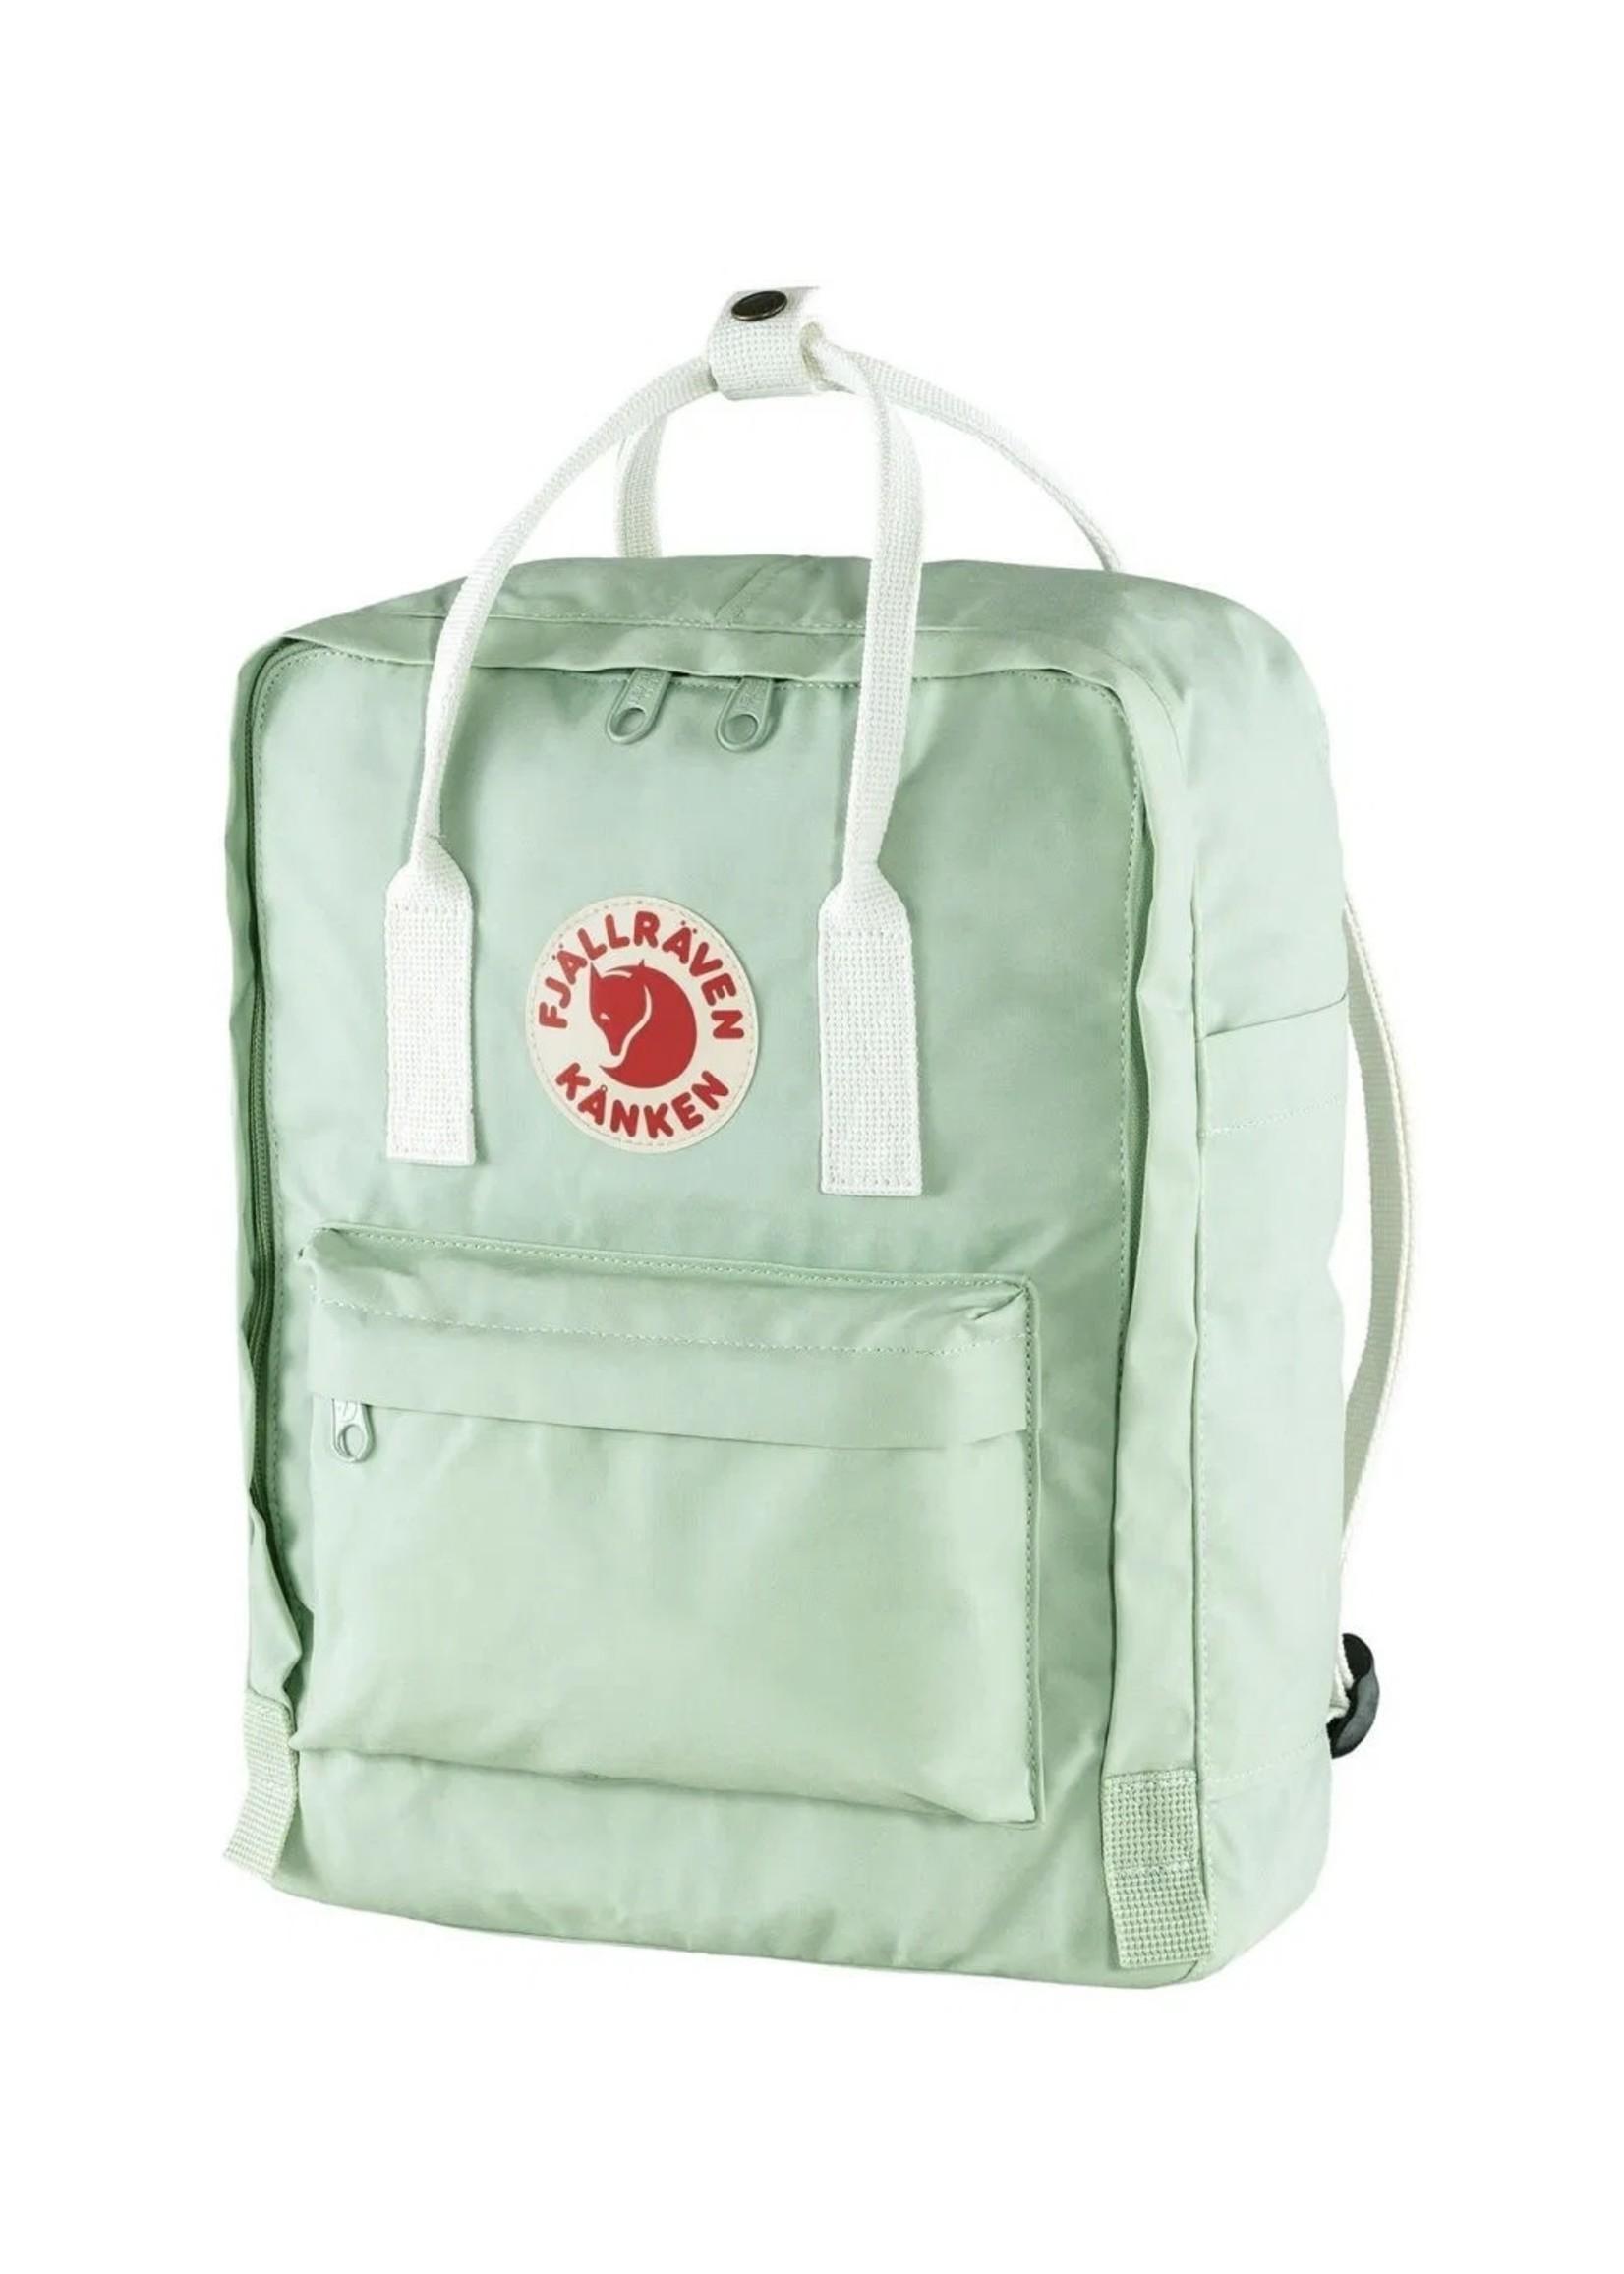 FJALL RAVEN Kanken Backpack MINT GREEN/WHITE